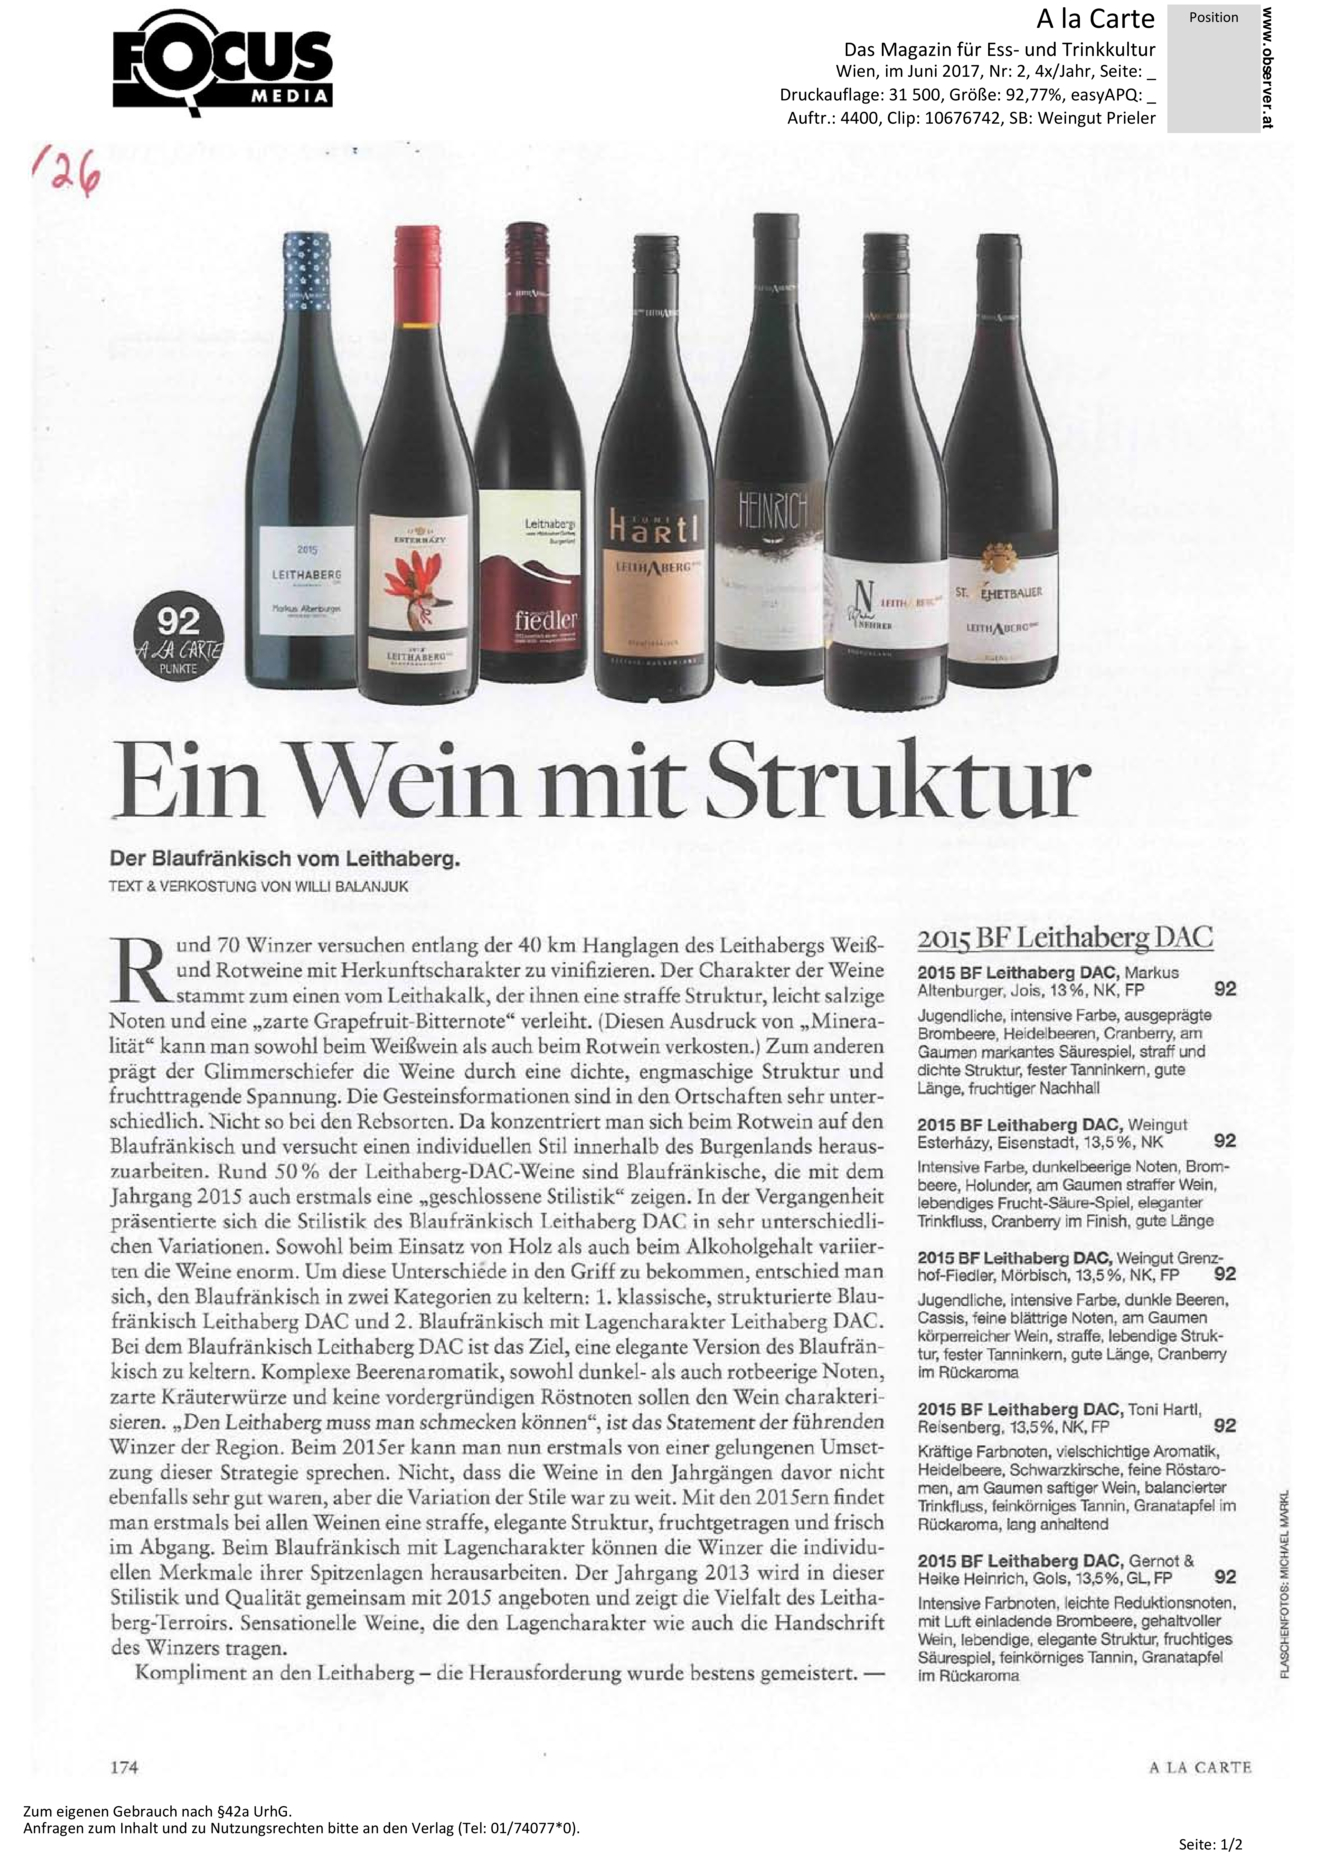 Ein Wein mit Struktur – Der Blaufränkisch vom Leithaberg